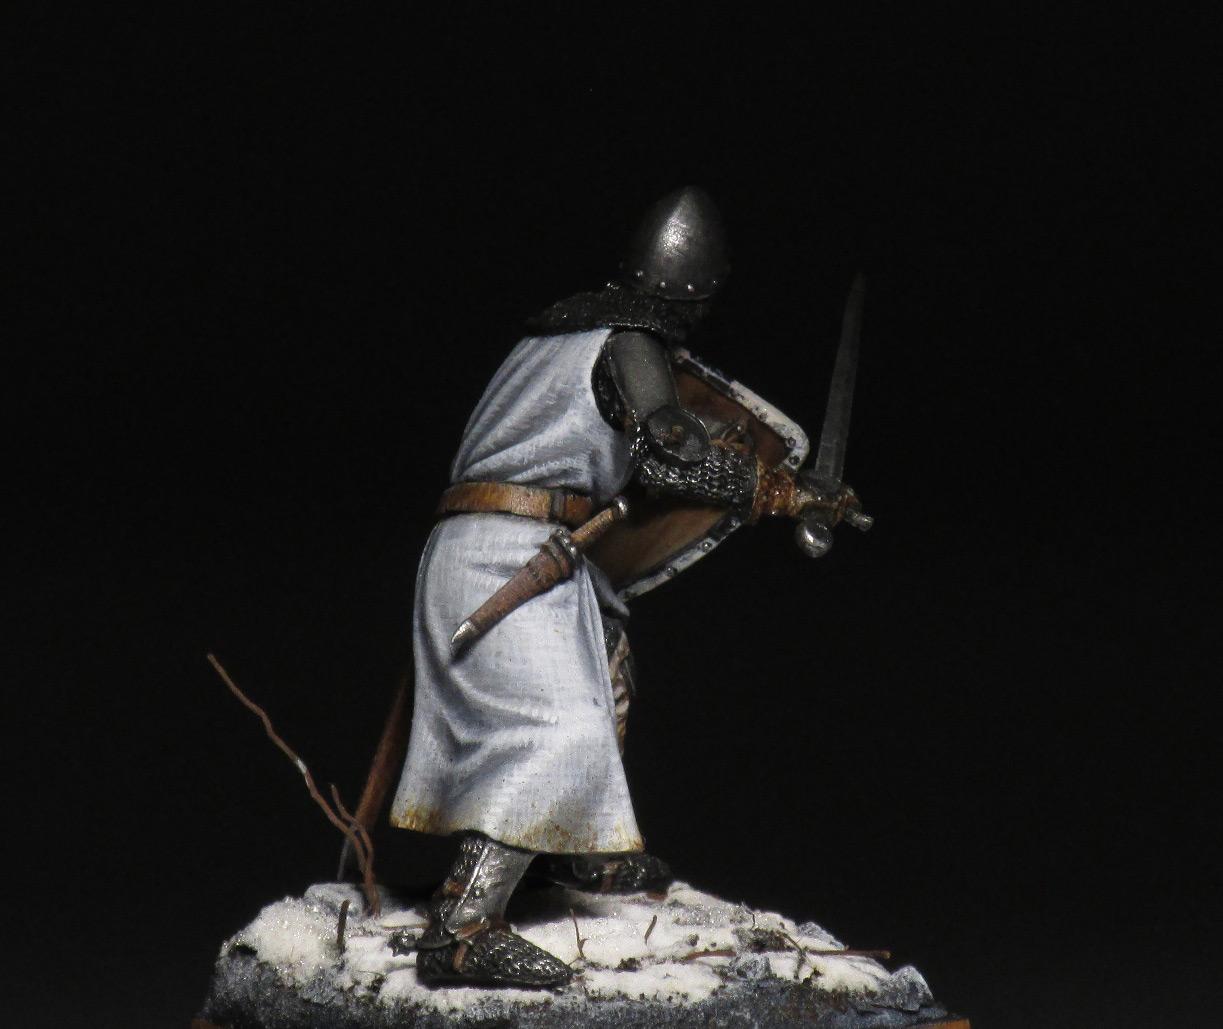 Figures: Teutonic knight, photo #7